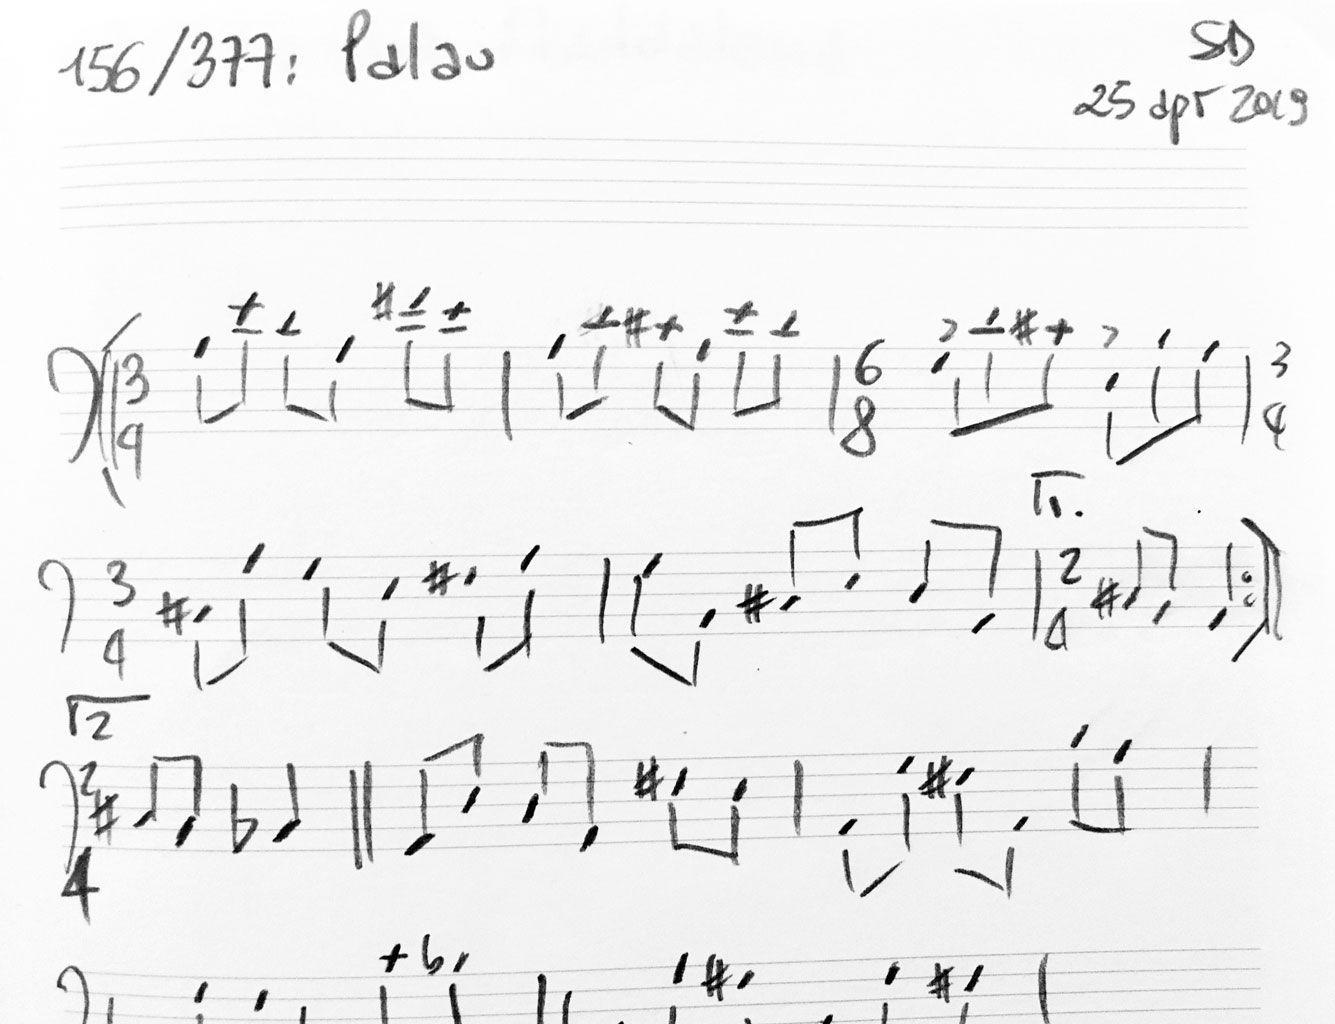 156-Palau-score